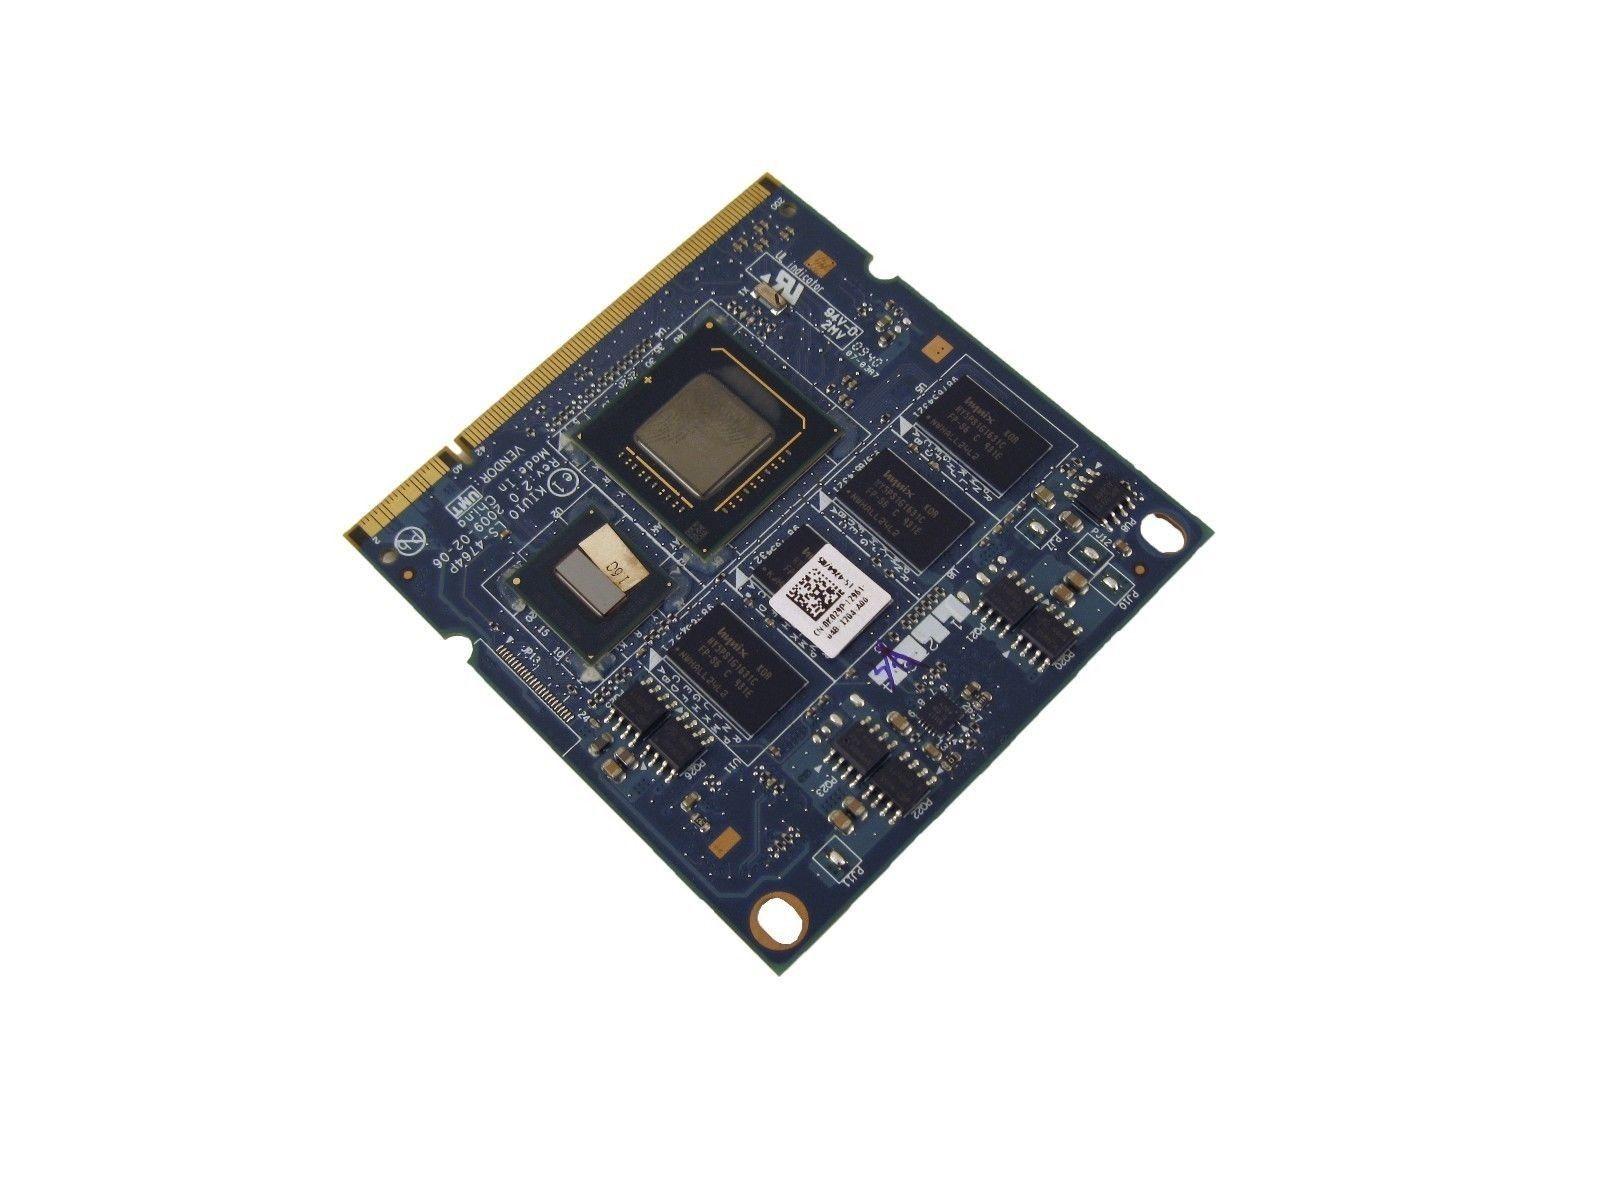 Dell K029P Inspiron 1010 Mini-10 1.6GHz 1GB Video Card LS-4764P